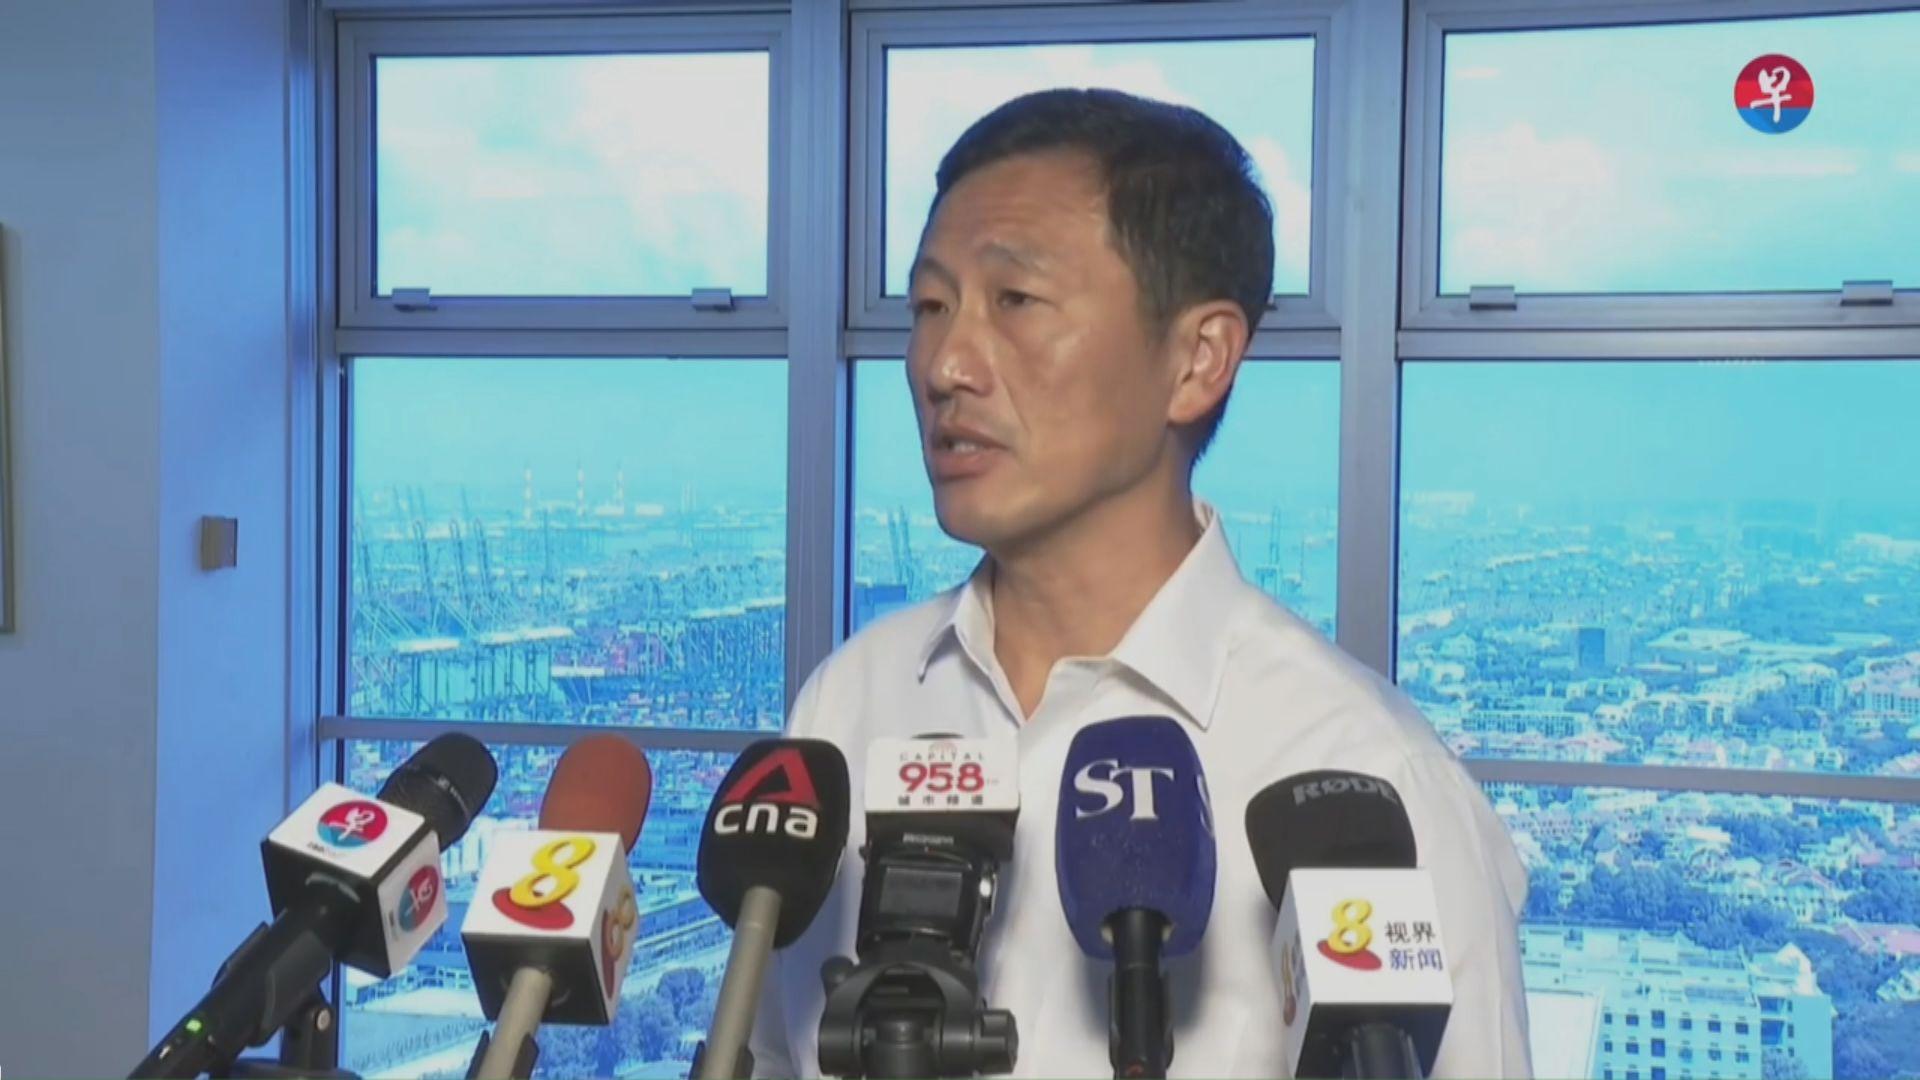 新加坡向台灣提出建立旅遊氣泡